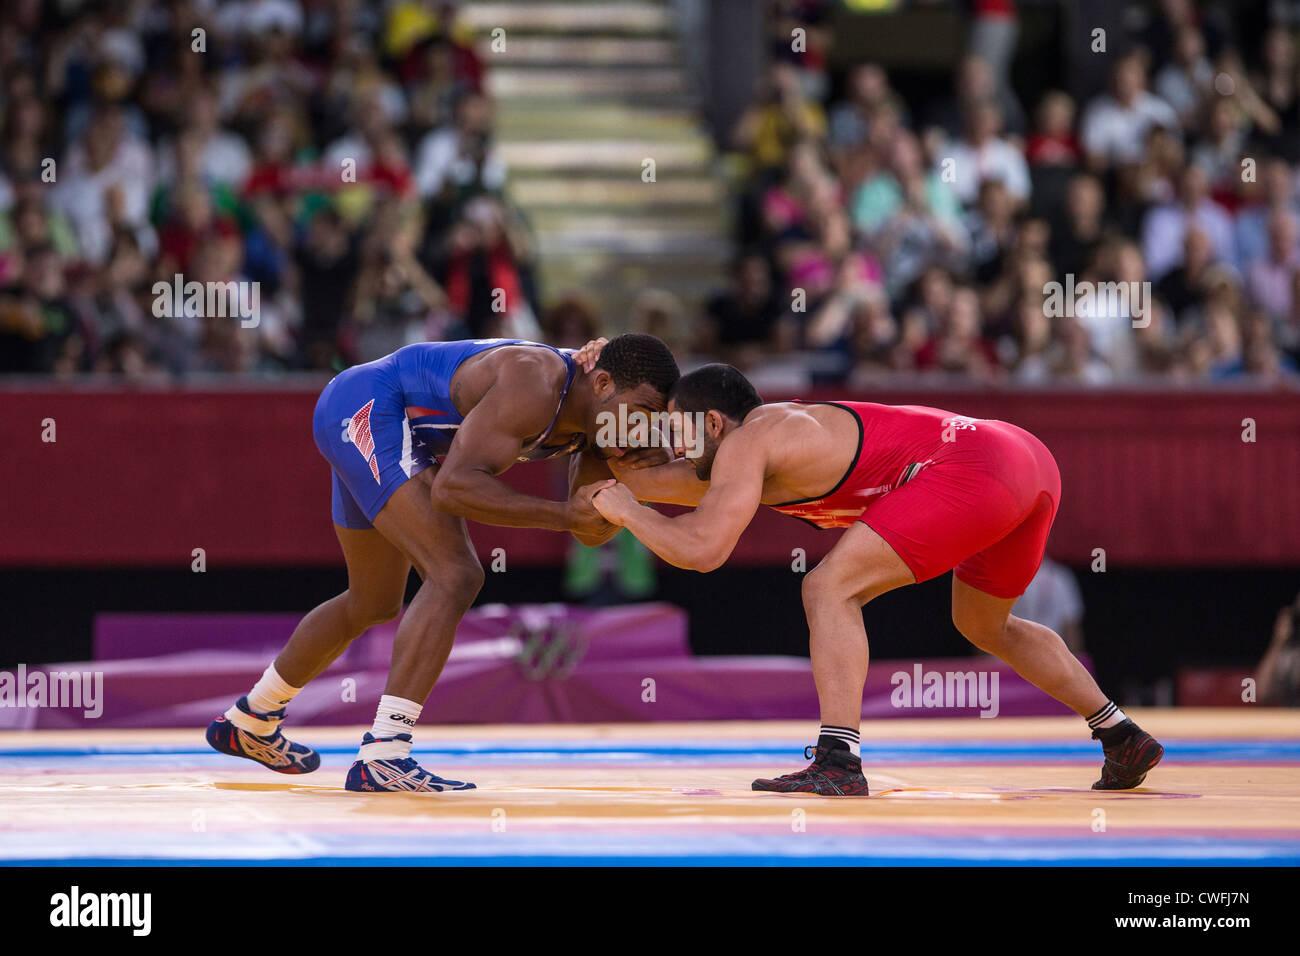 Jordania Ernest Burroughs (USA) -B- vs Sadegh Goudarzi Saeed (IRI) en hombres 74kg Lucha Libre en los Juegos Olímpicos Imagen De Stock